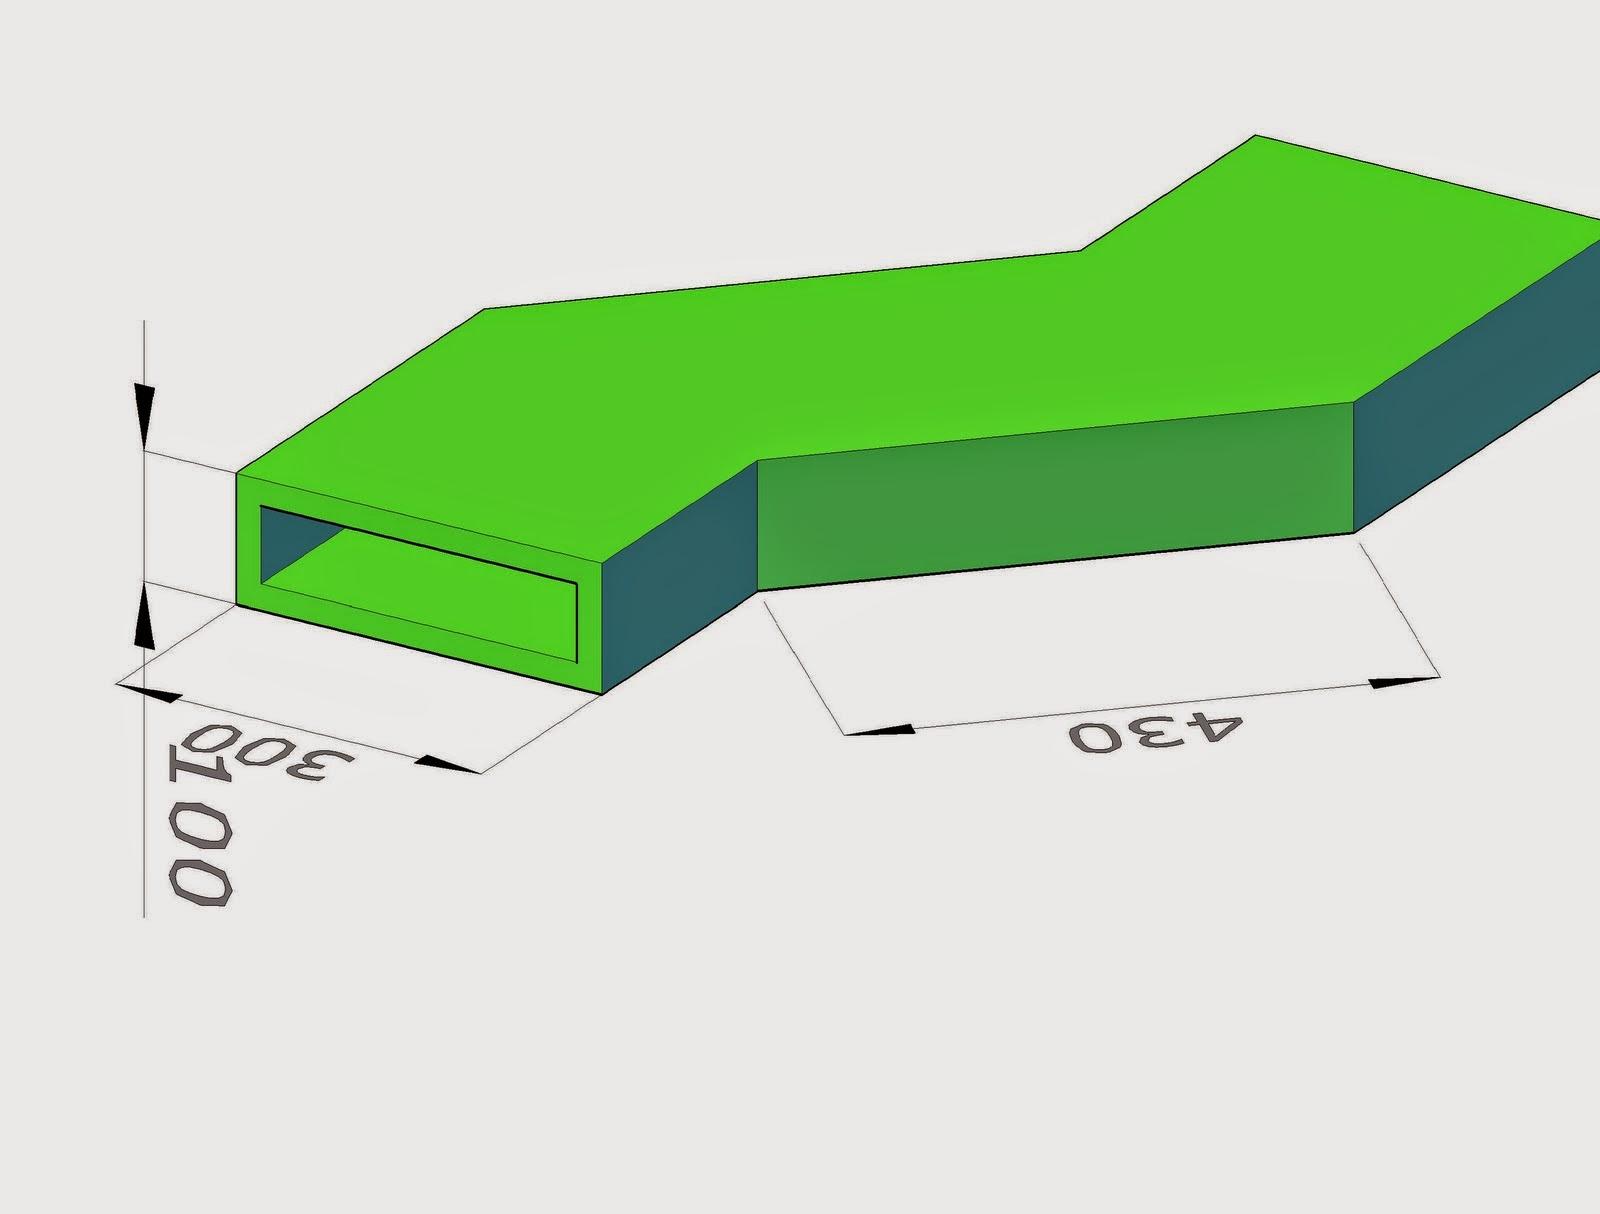 Realización de la figura del quiebro en conductos para aire acondicionado